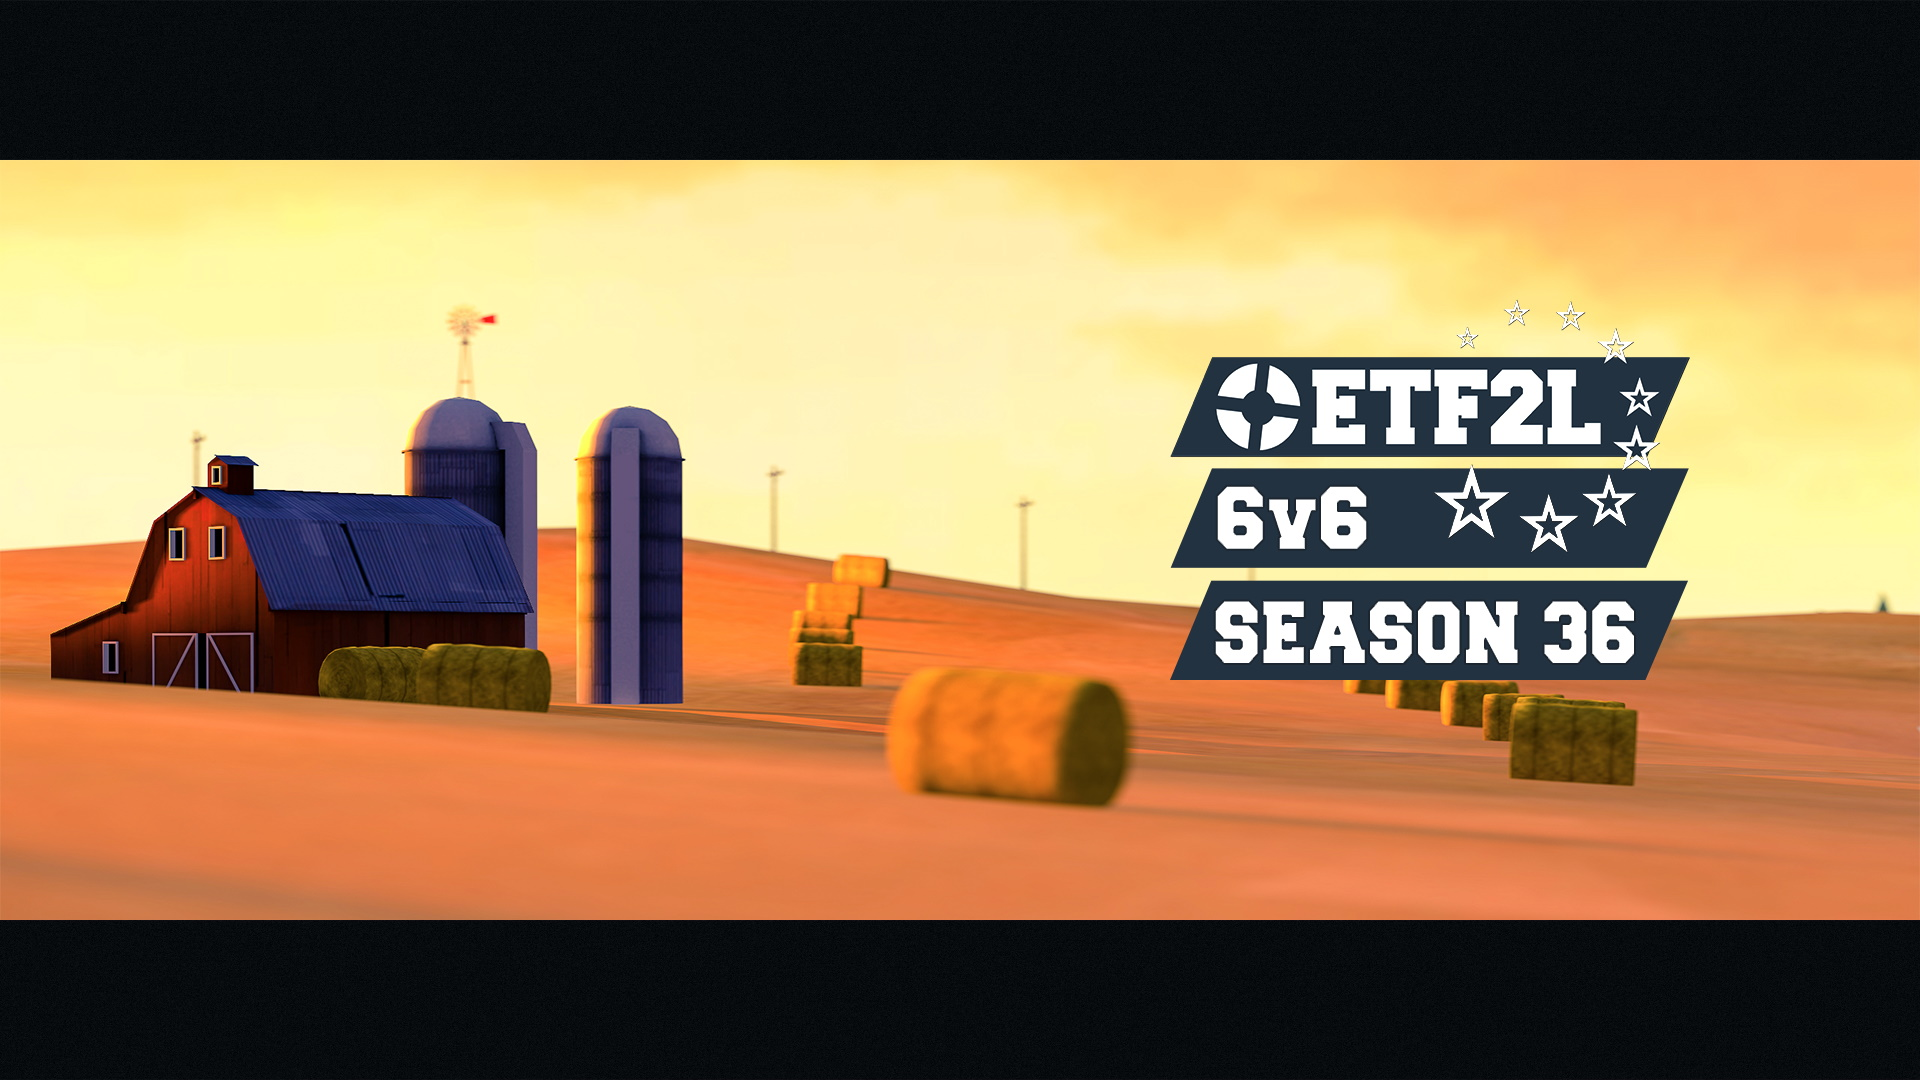 ETF2L Season 36 is here!